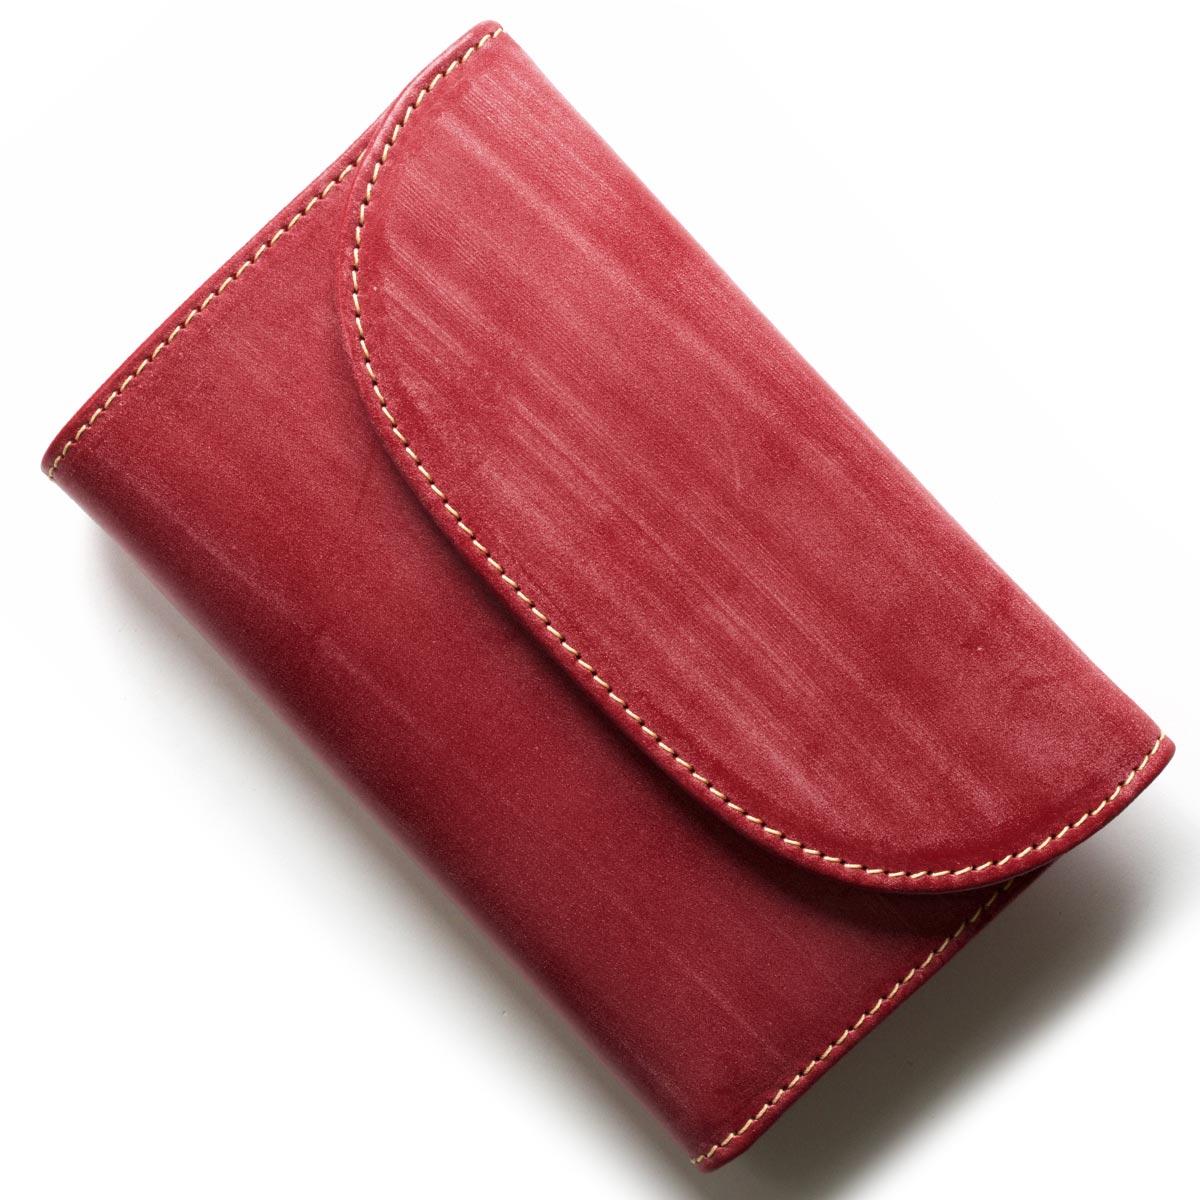 ホワイトハウスコックス 三つ折り財布 財布 メンズ エイジング レッド S1112 RED WHITEHOUSE COX